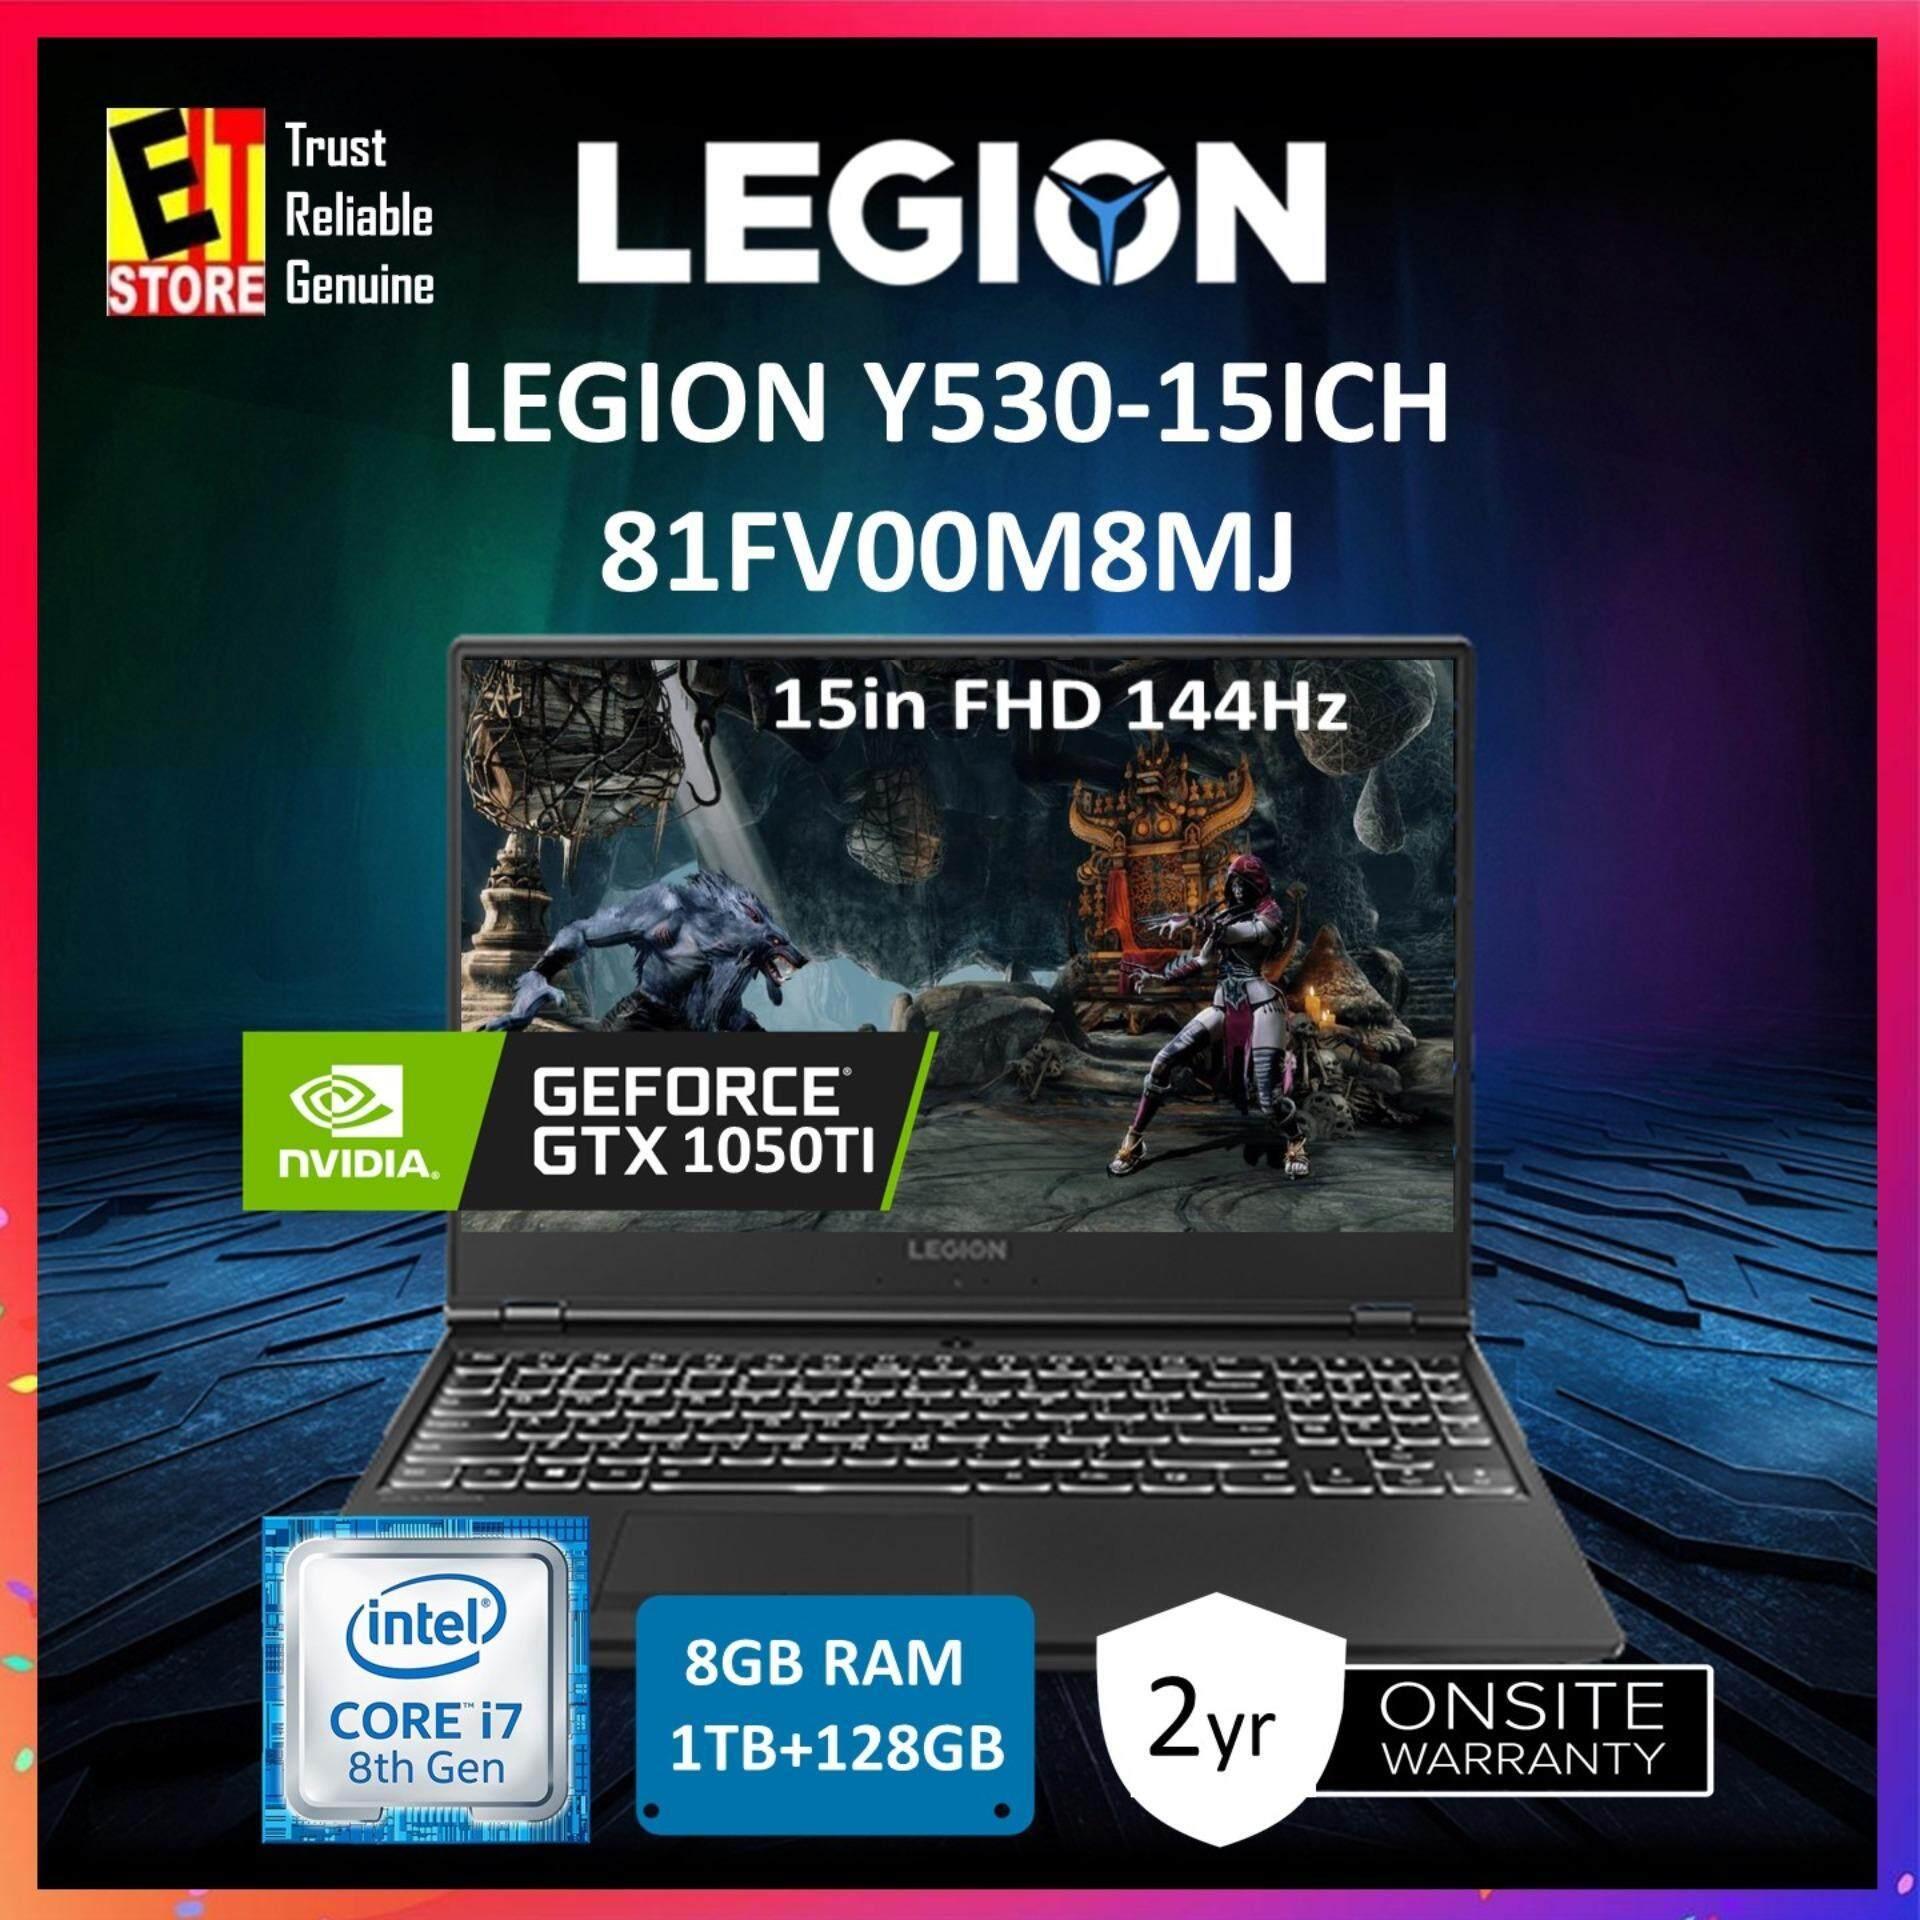 LENOVO LEGION Y530 GAMING LAPTOP 81FV00M8MJ - I7-8750H/8GB/1TB+128GB/4GB GTX1050TI/15.6  FHD/W10/2YRS+ADP (Y530-15ICH) Malaysia